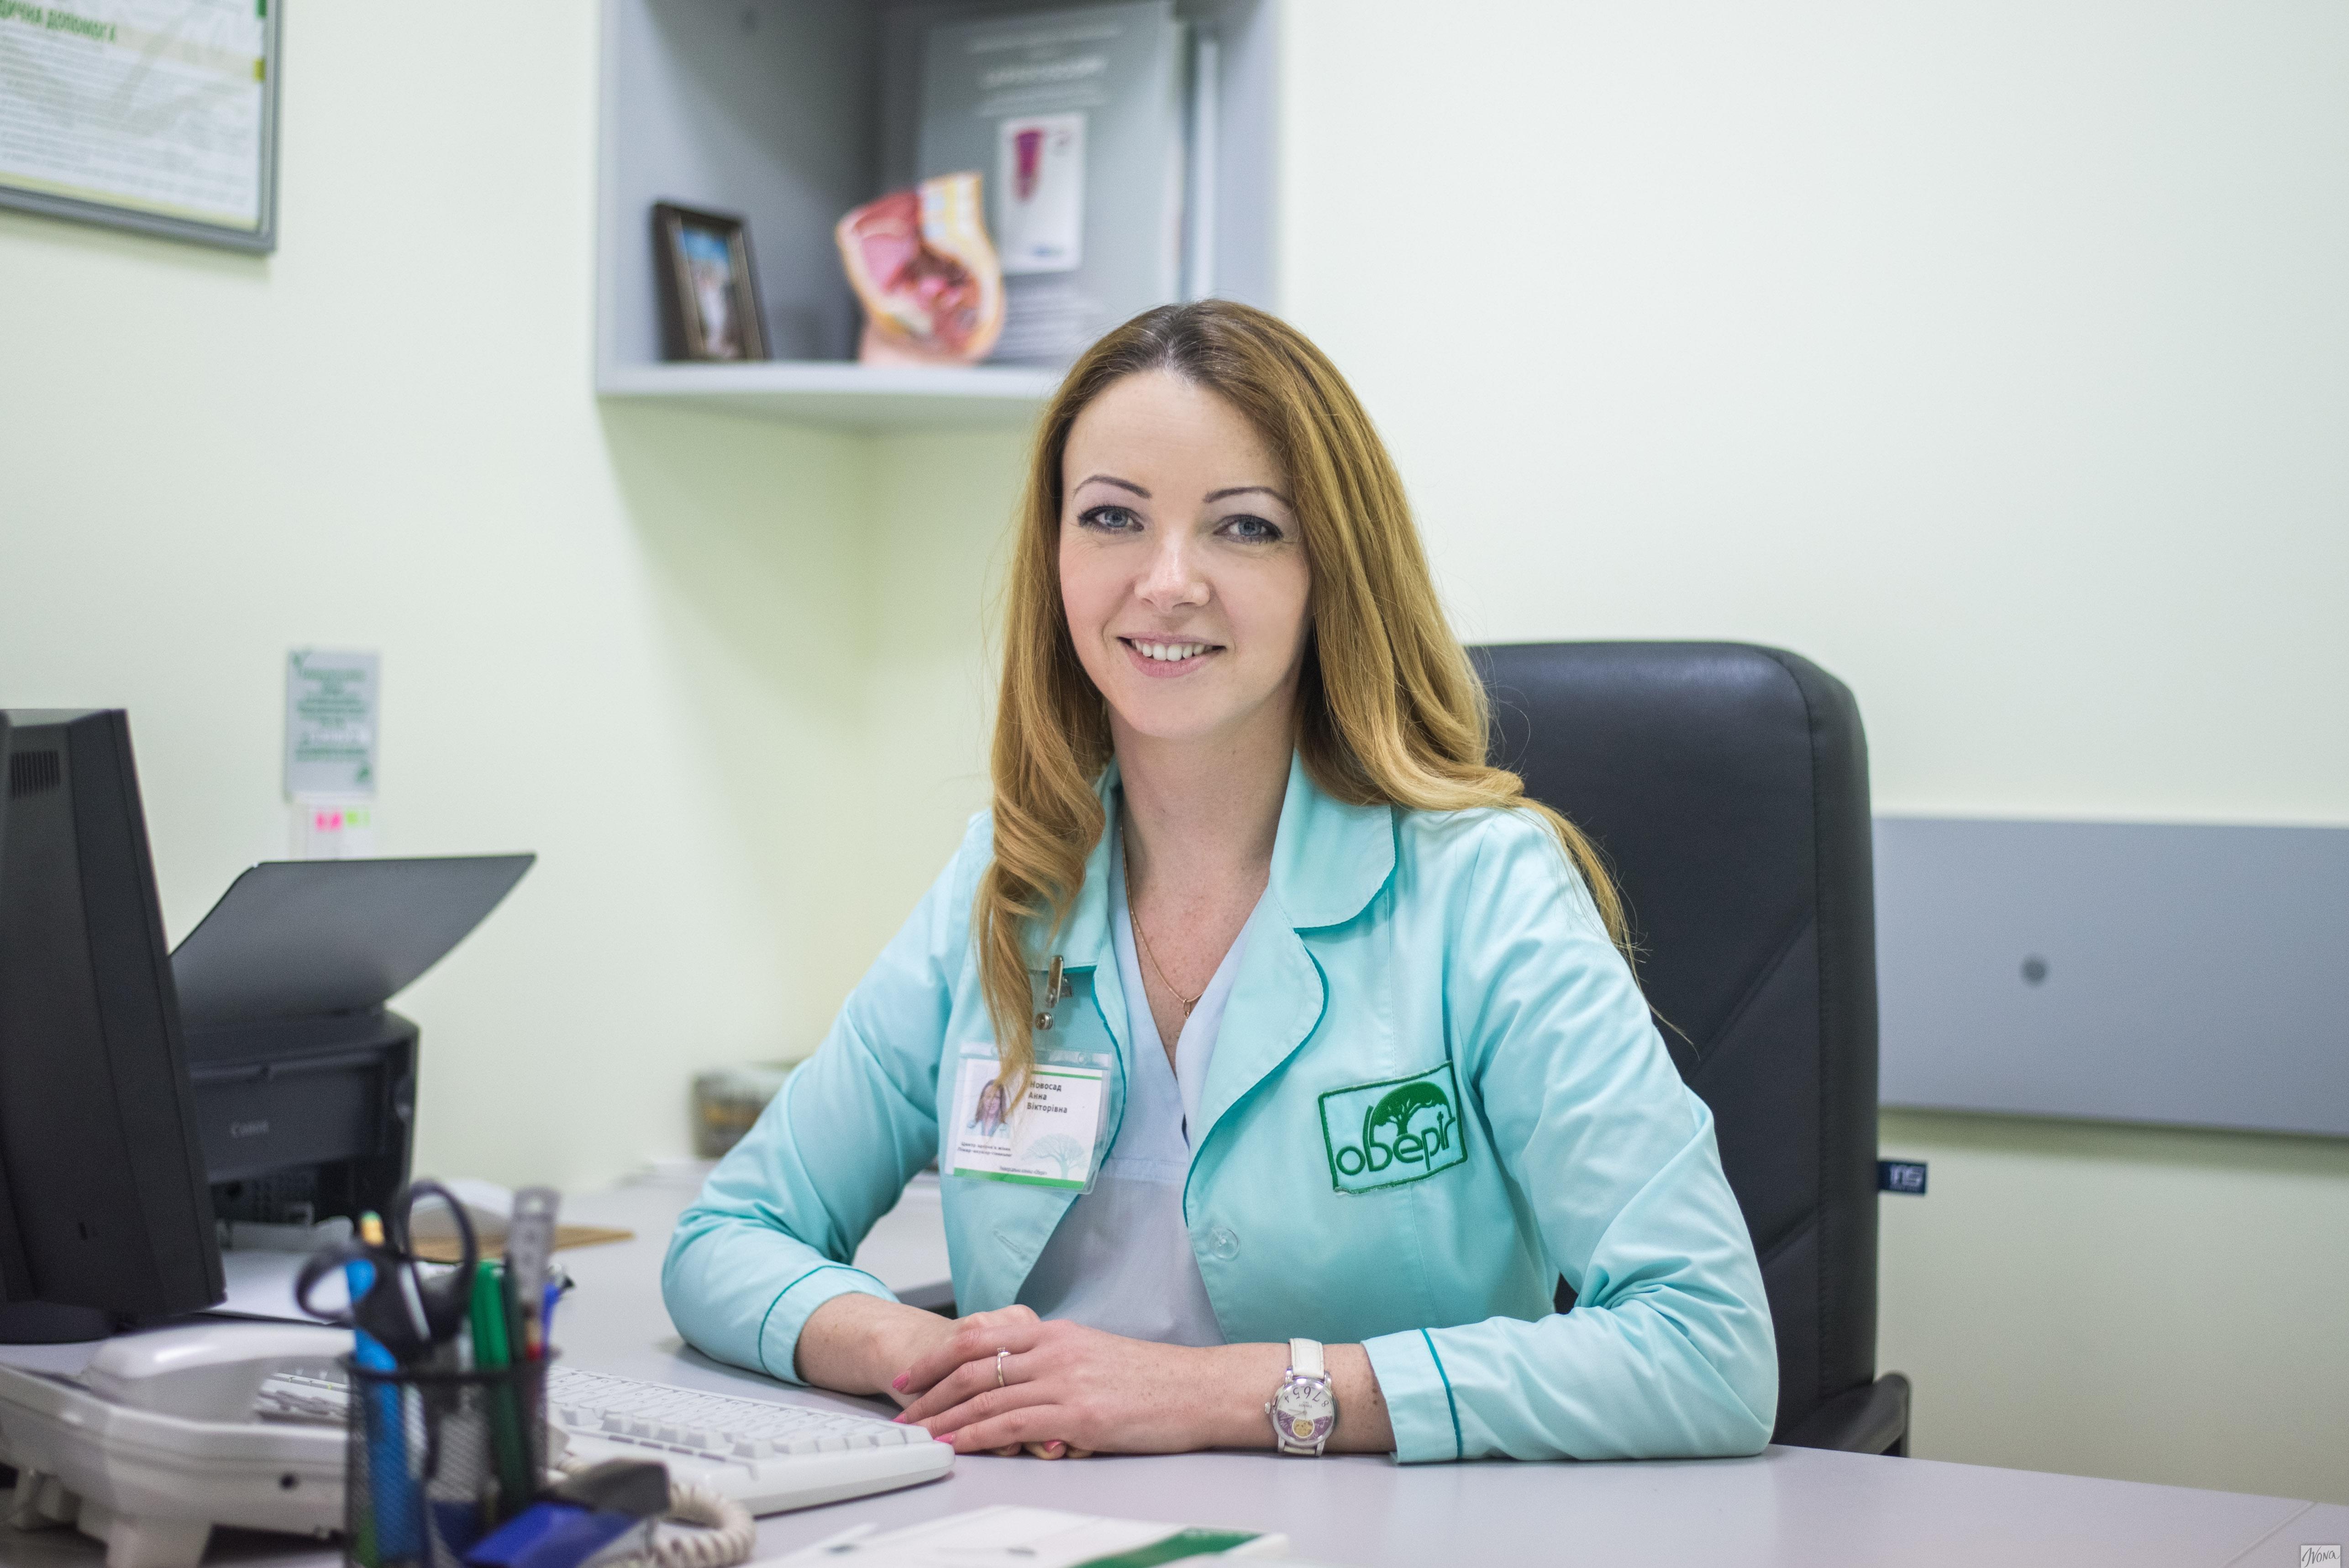 Реальные осмотры гинеколога онлайн 4 фотография